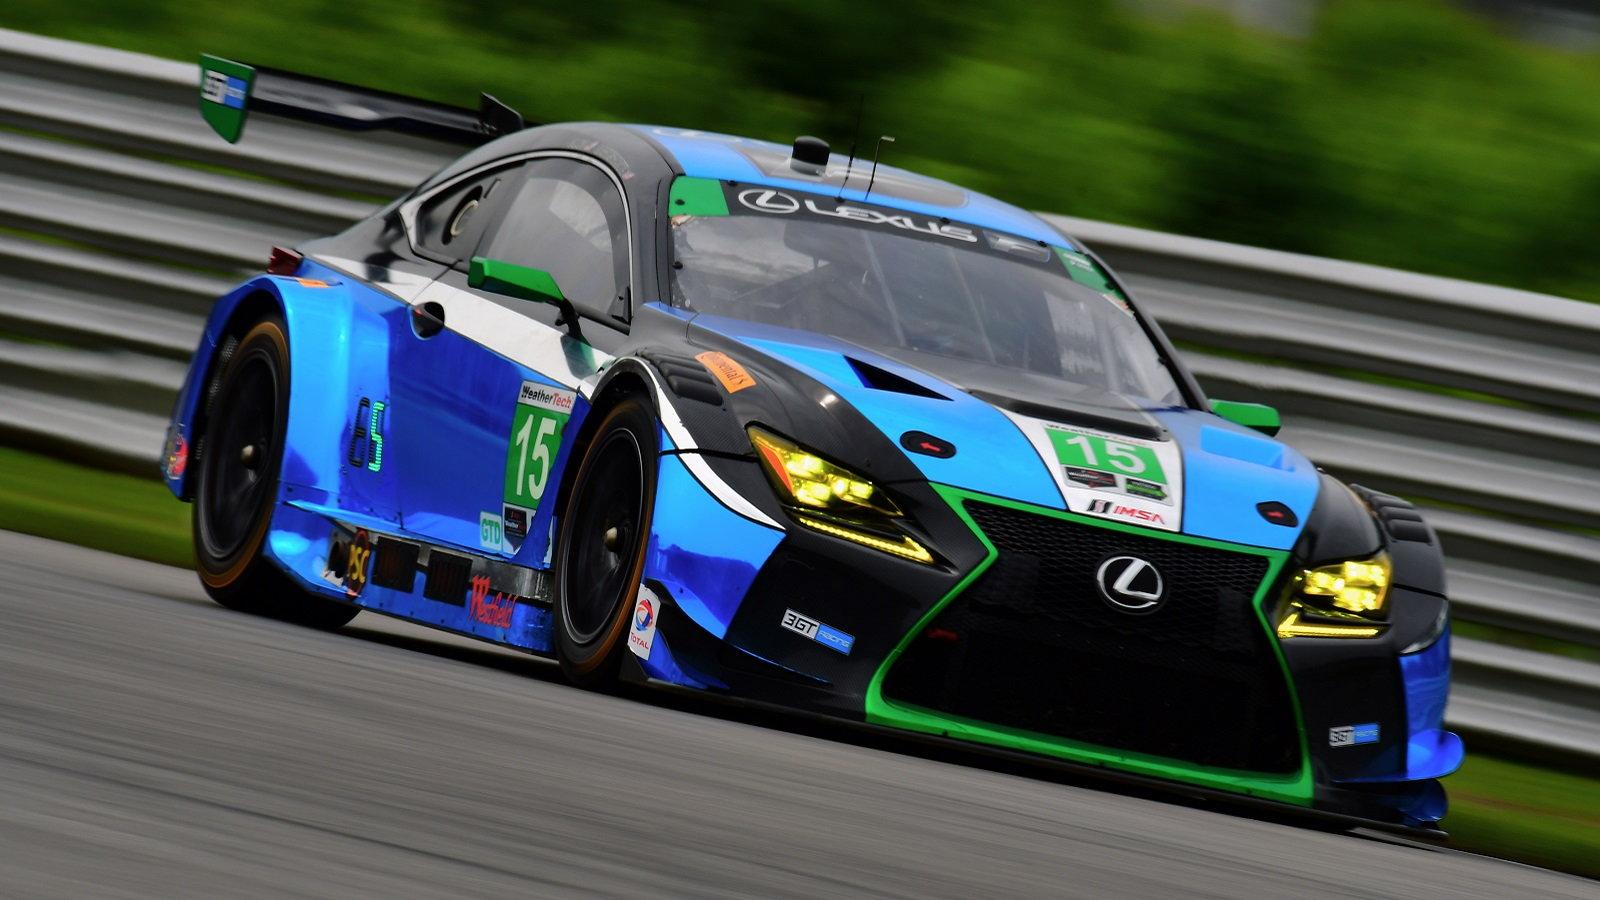 Lexus RC F GT3 Headed to Blancpain GT Series